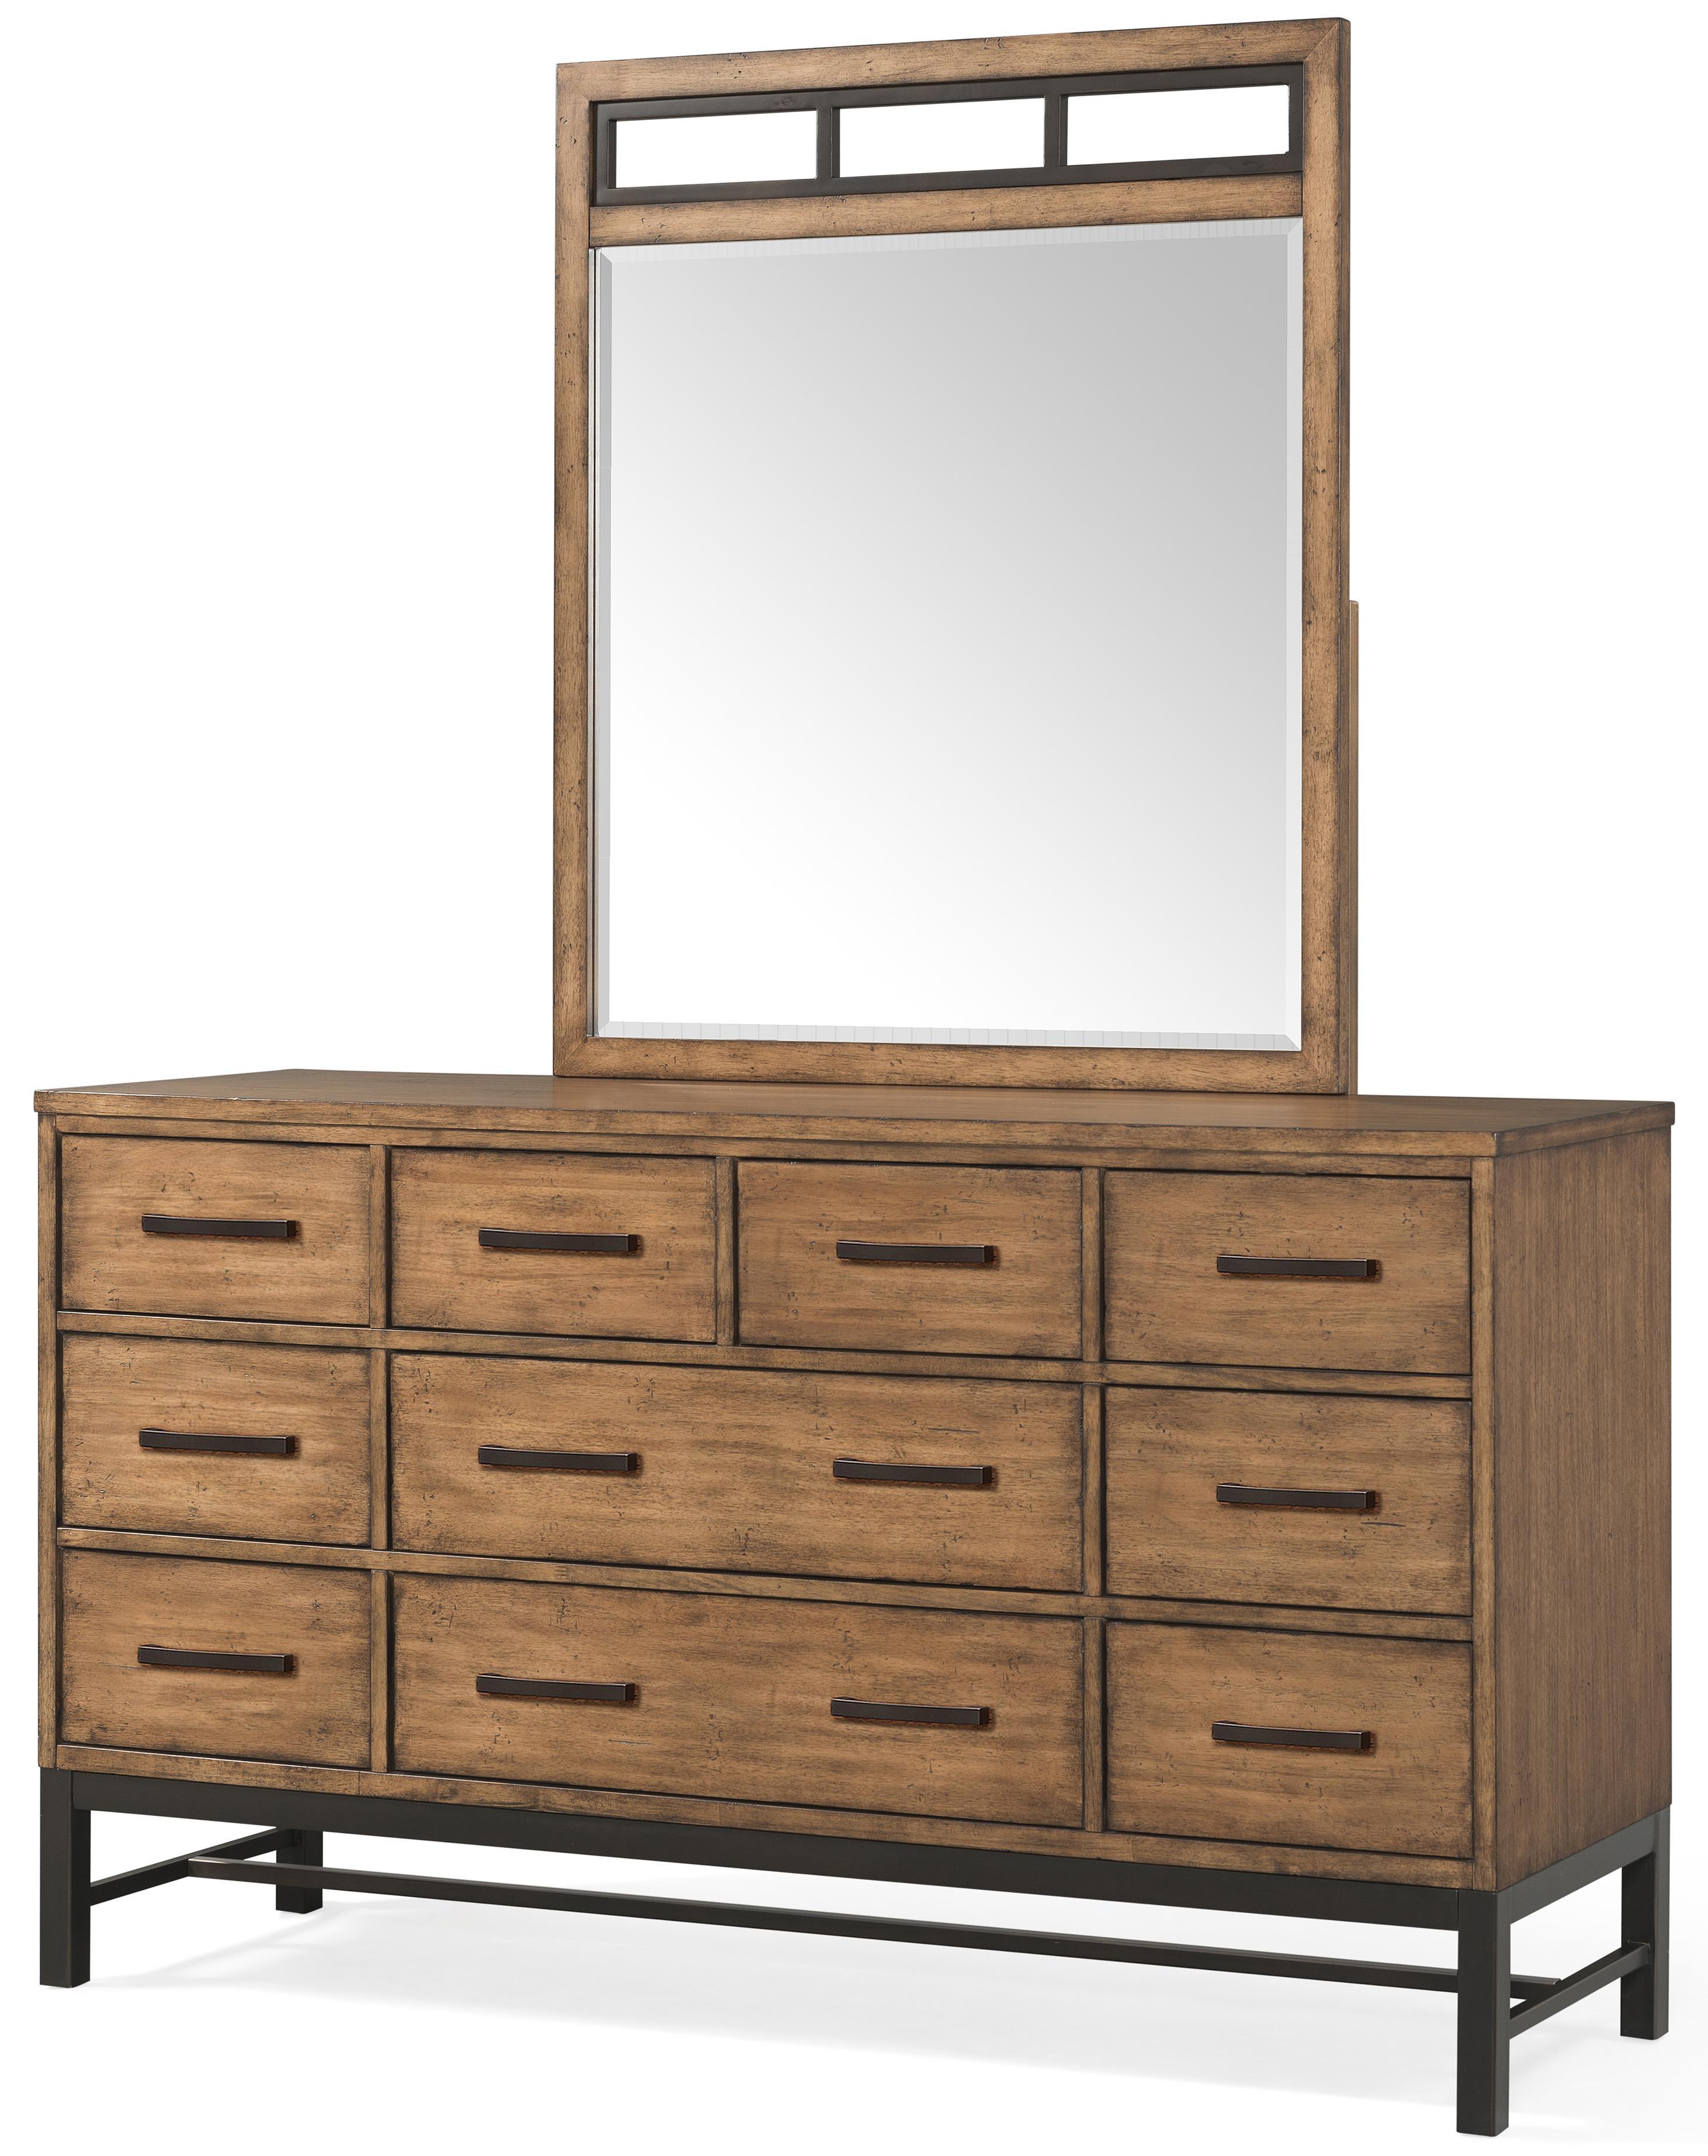 Klaussner International Affinity 10 Drawer Dresser And Mirror Set Jacksonville Furniture Mart